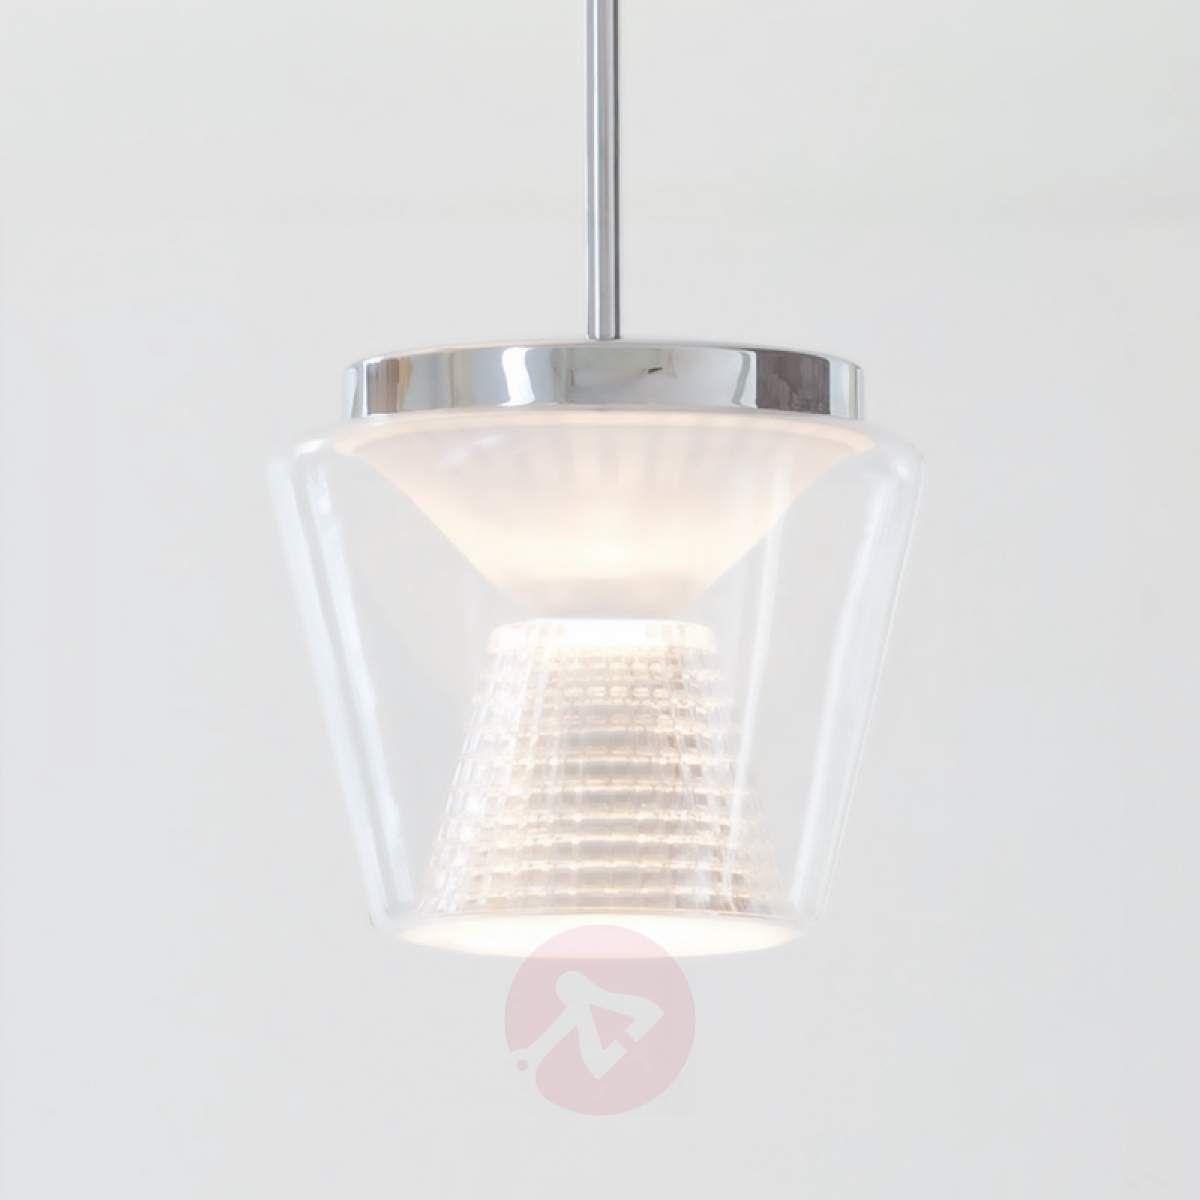 Lampa Wisząca Led Annex Szkło Kryształowe Lampy Wiszące